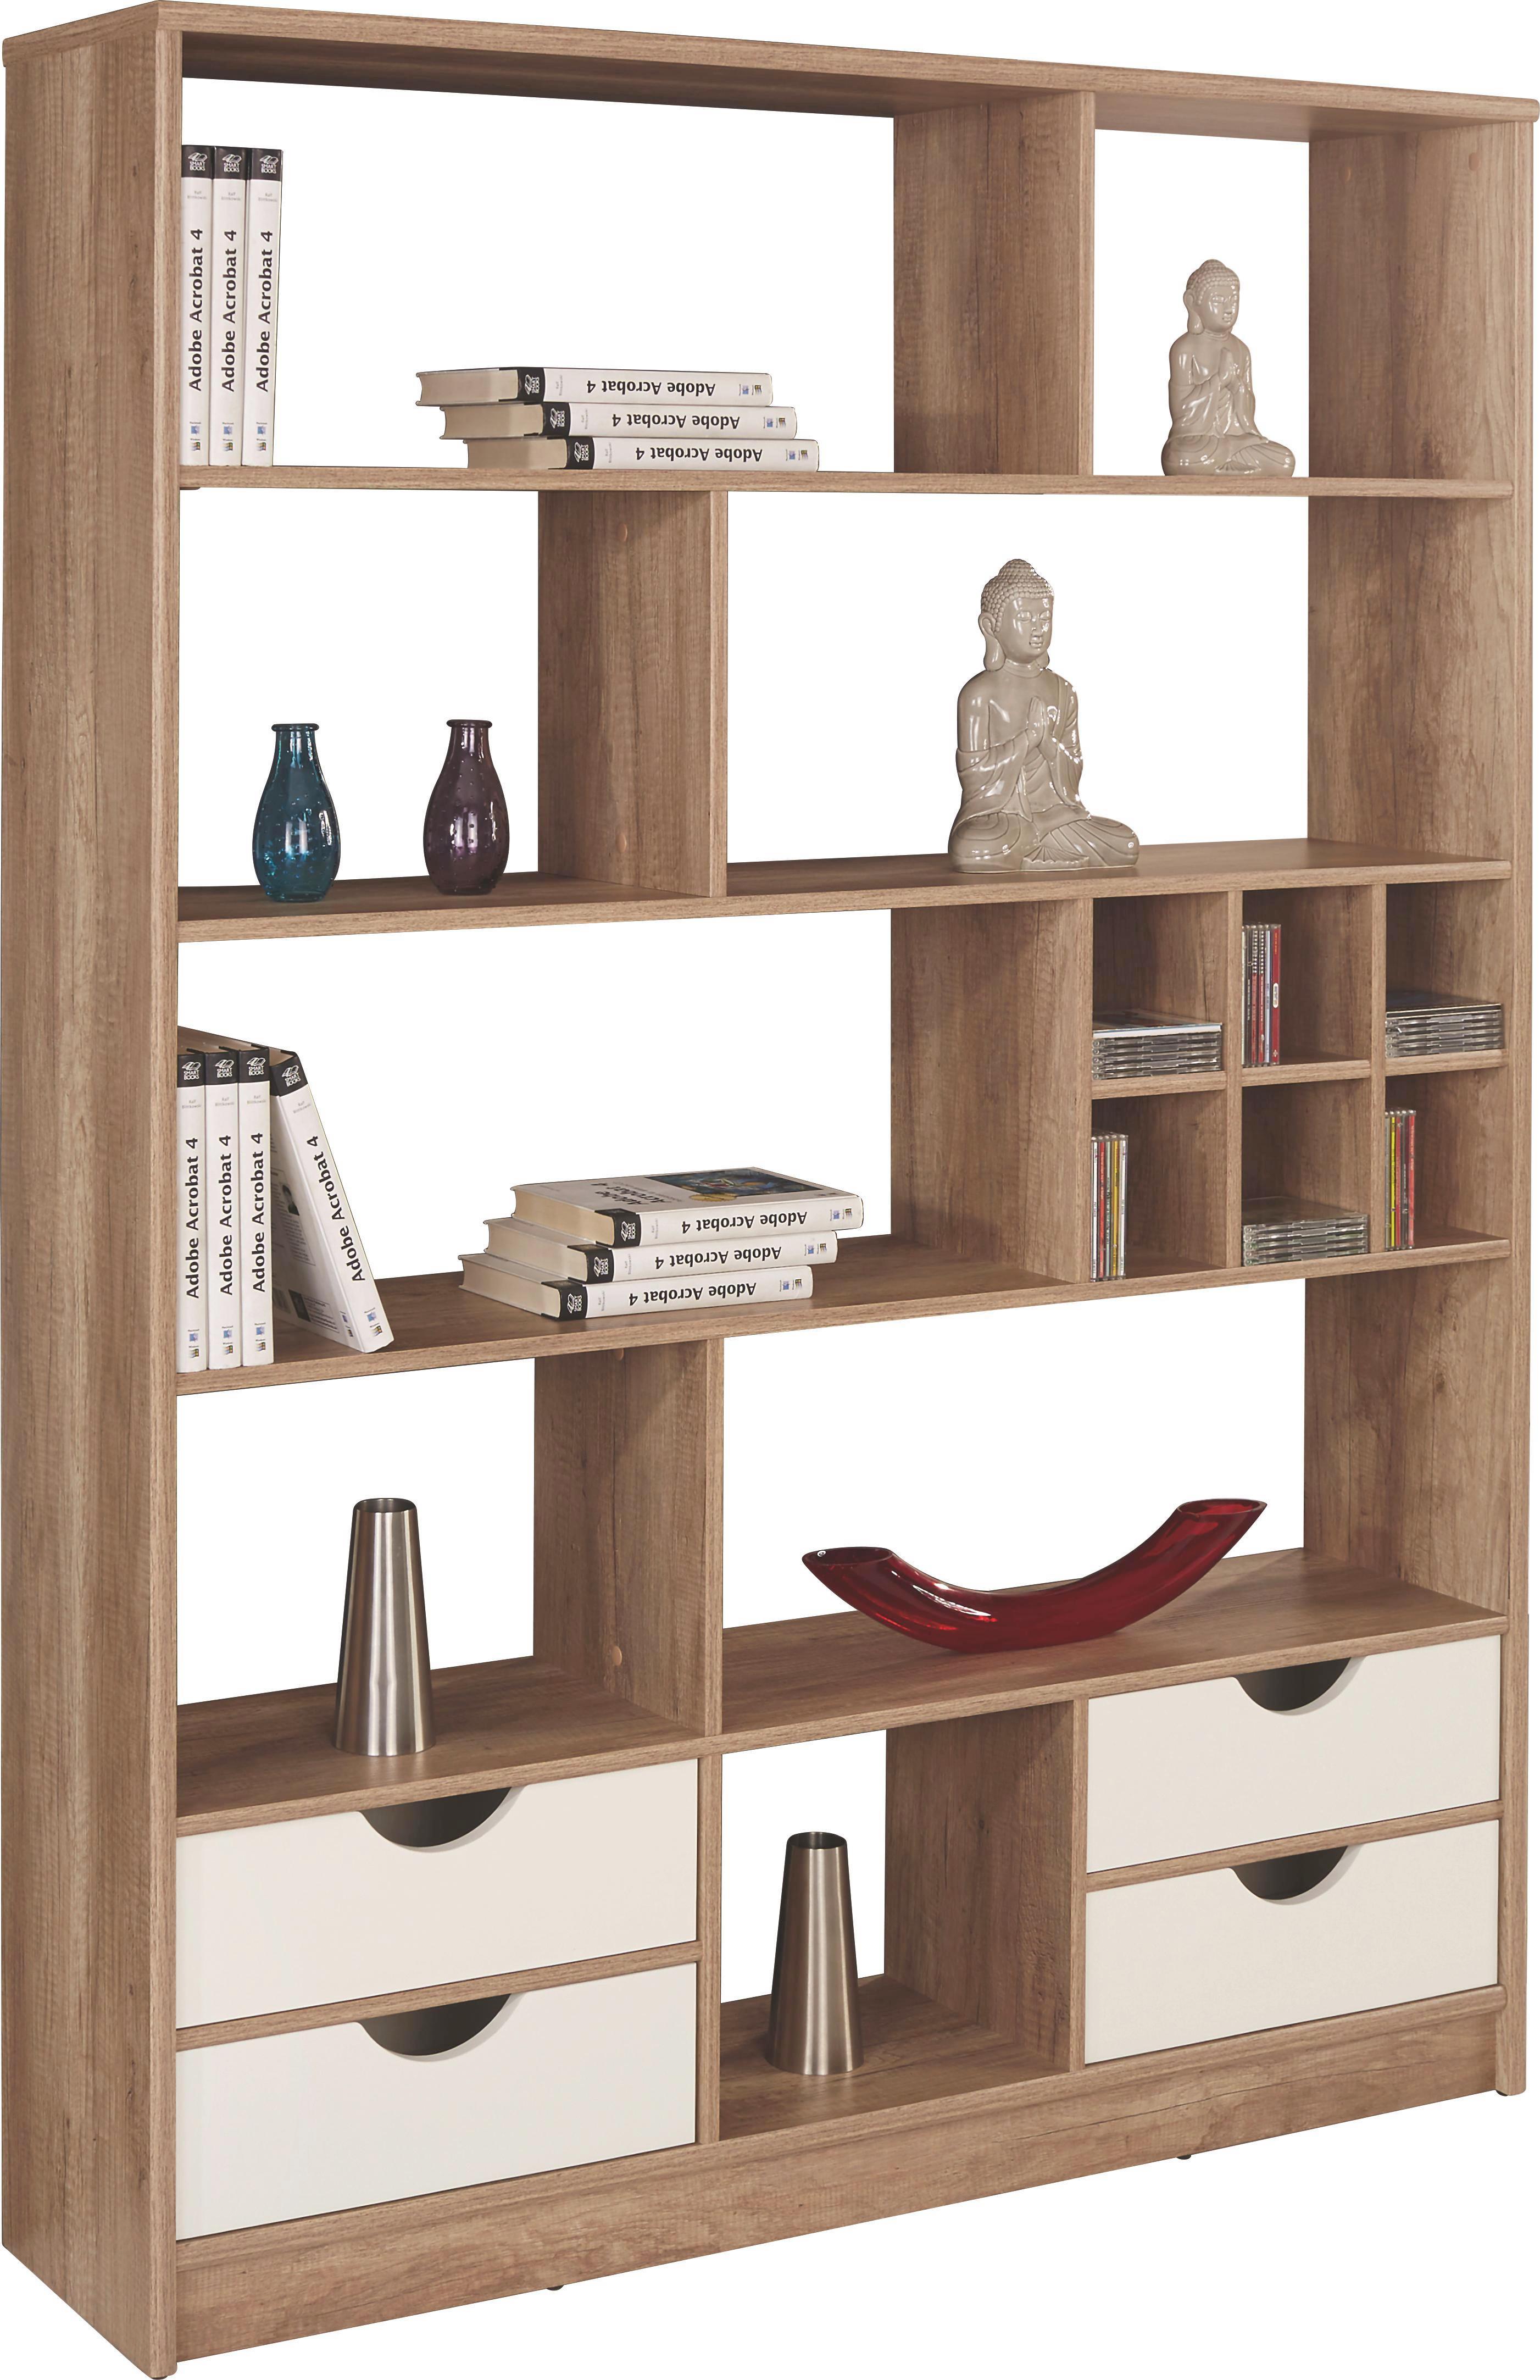 Wunderbar Küchenoberschrank Größen Uk Bilder - Küche Set Ideen ...